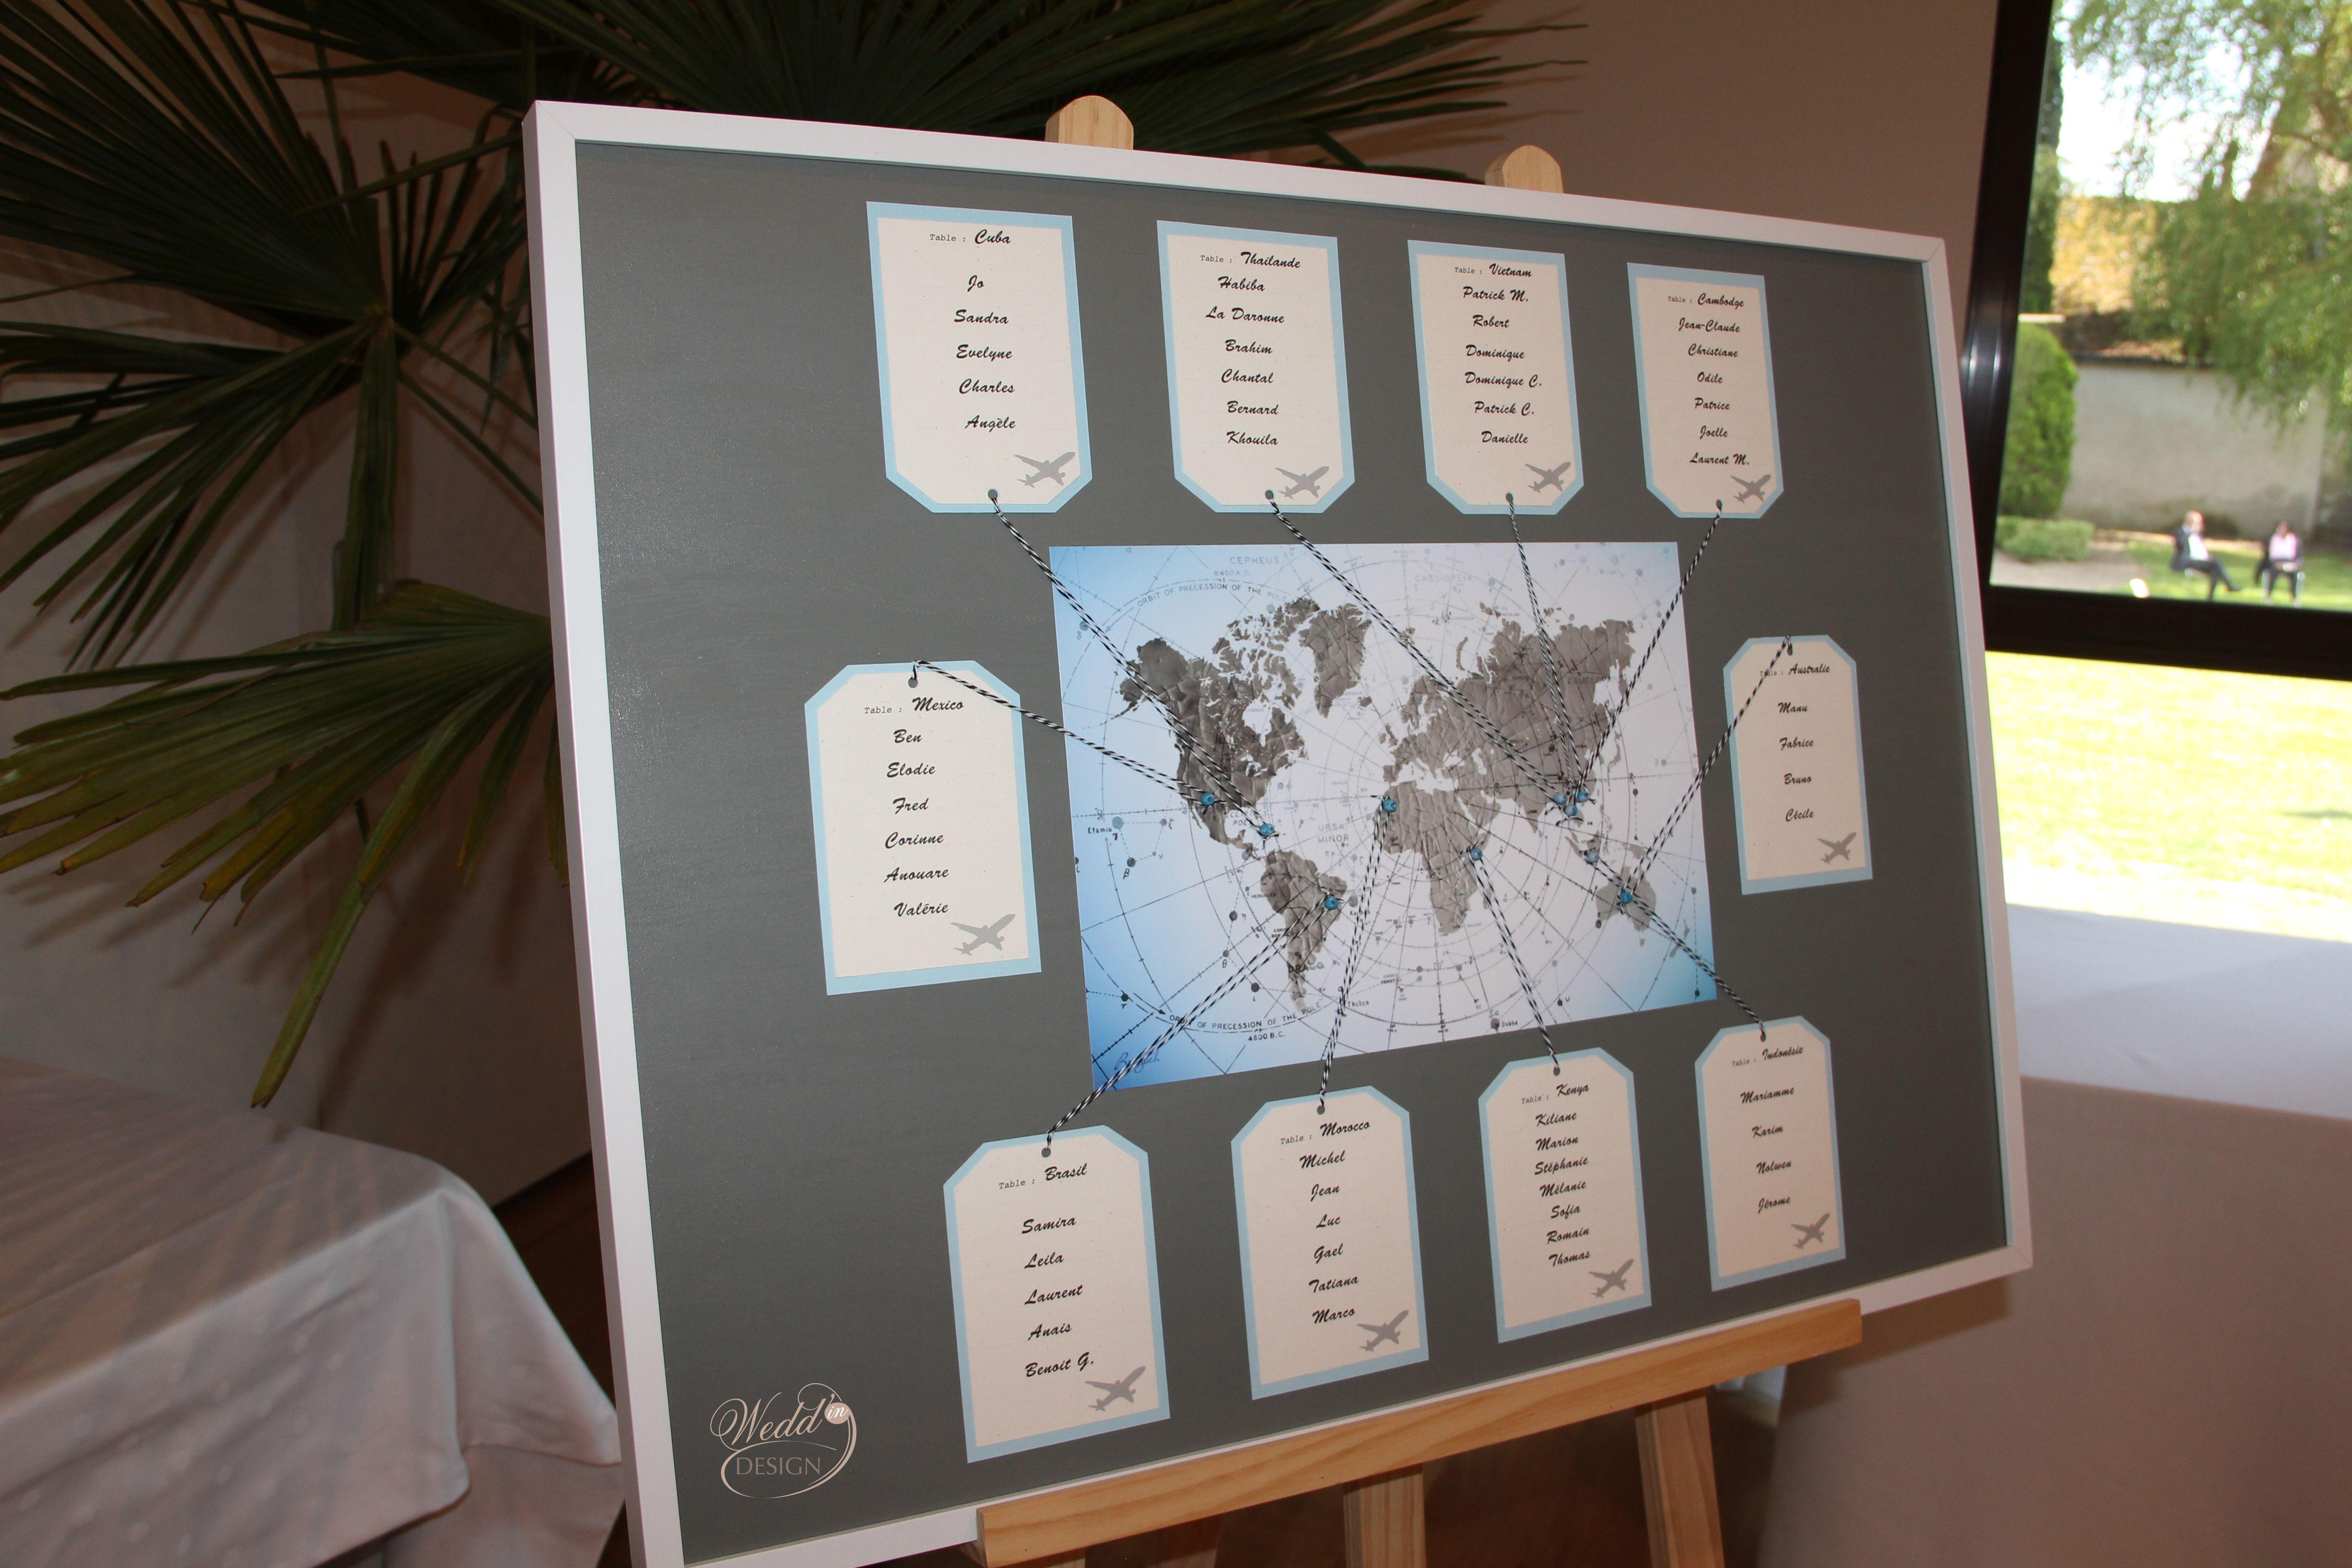 Wedd In Design Plan De Table Mariage Theme Voyage Carte Monde Decoration Mari Plan De Table Mariage Theme Voyage Plan De Table Mariage Decoration Mariage